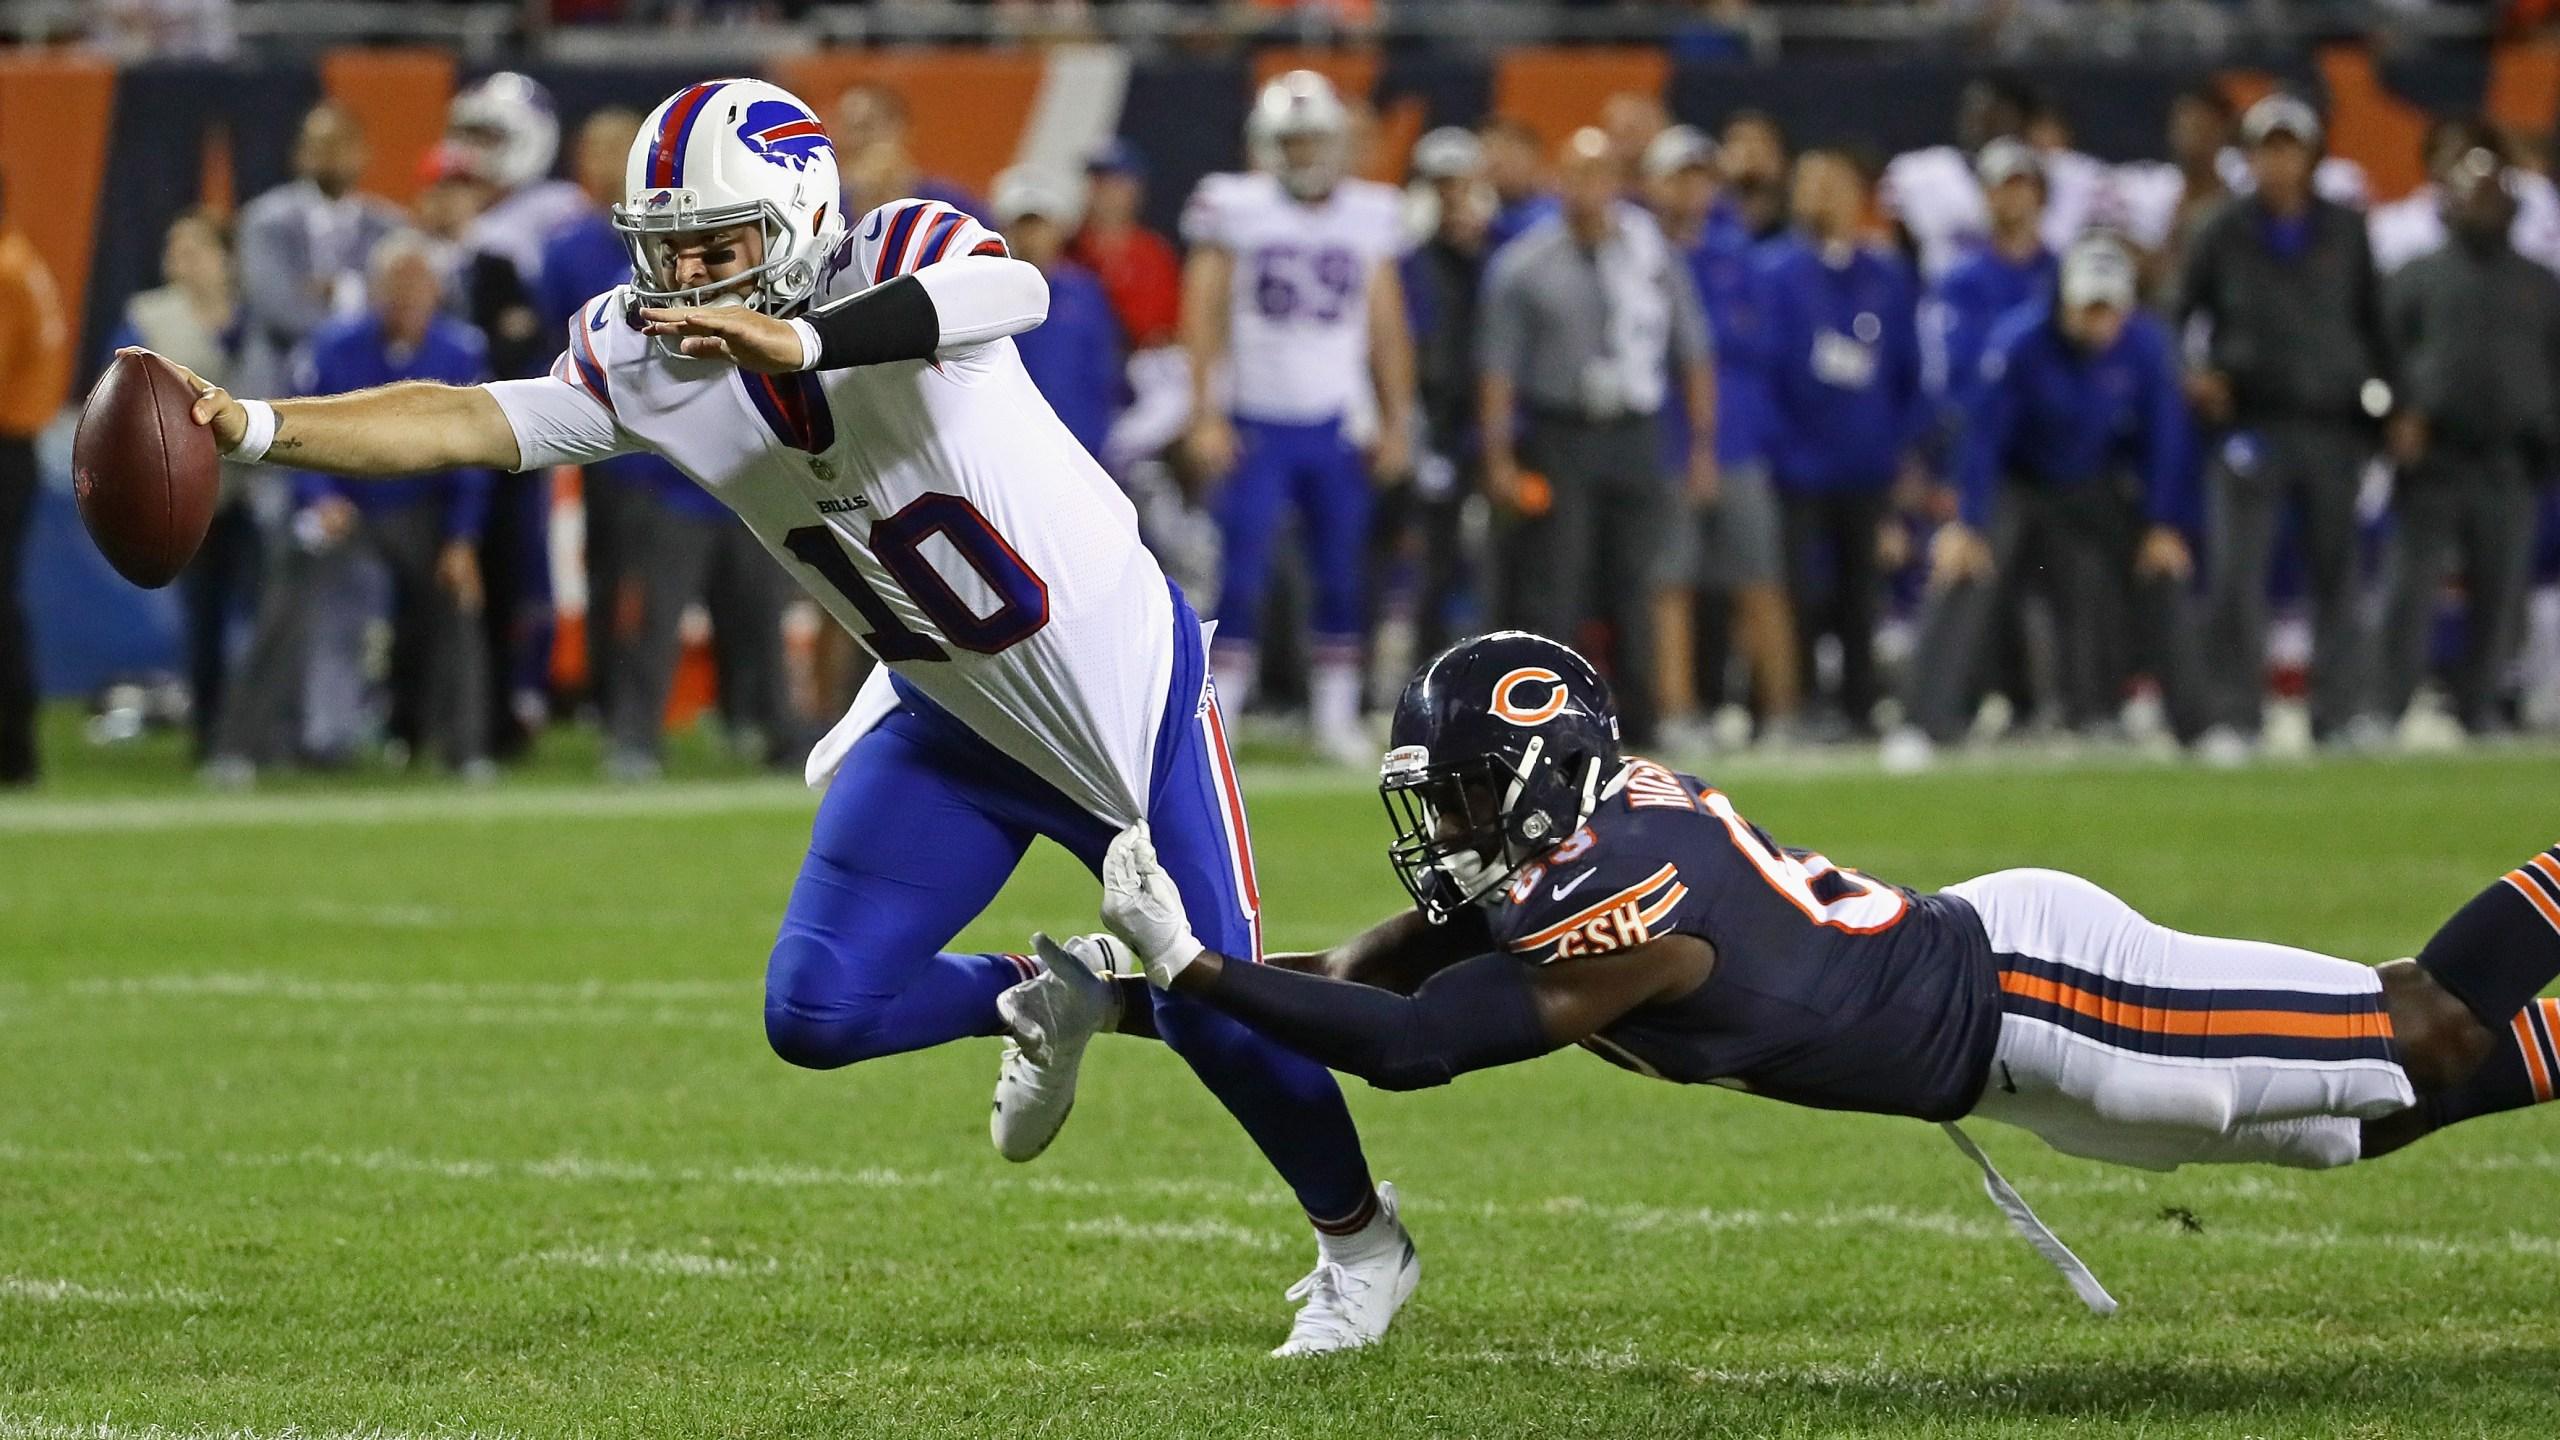 Bills down Bears